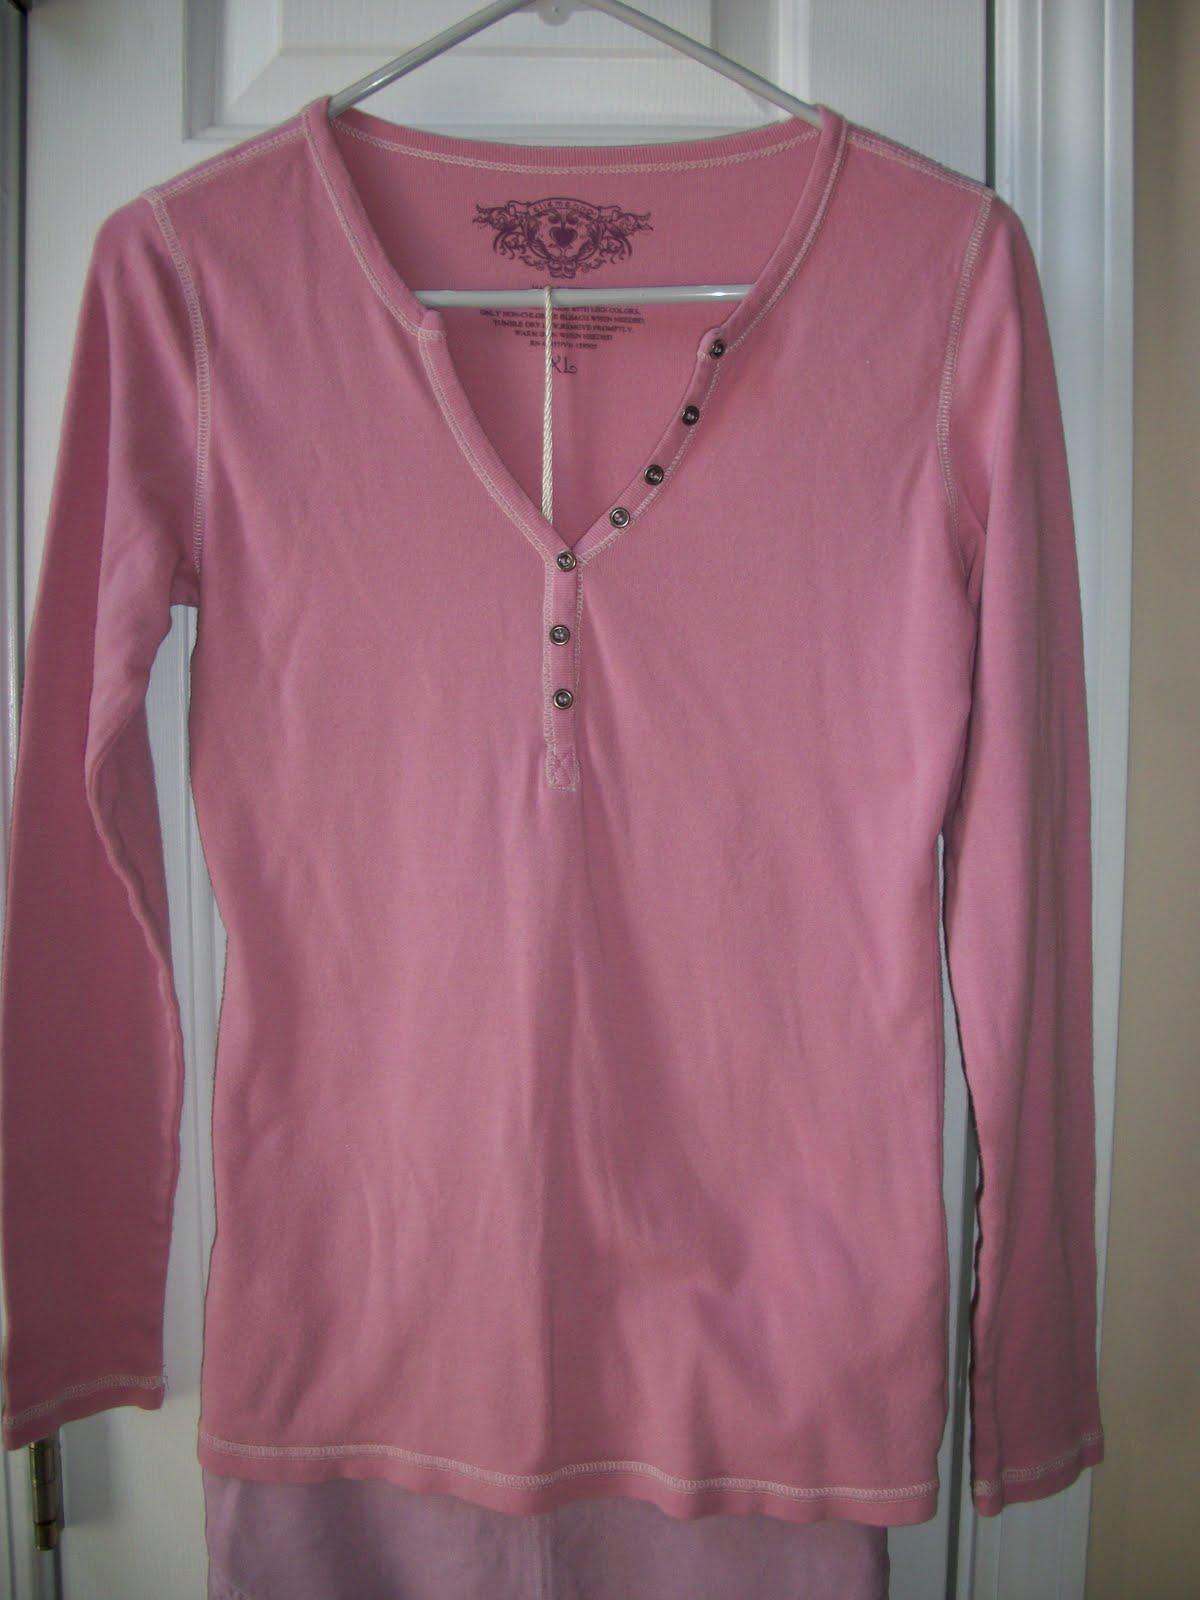 Dye Clothes Rit Dye